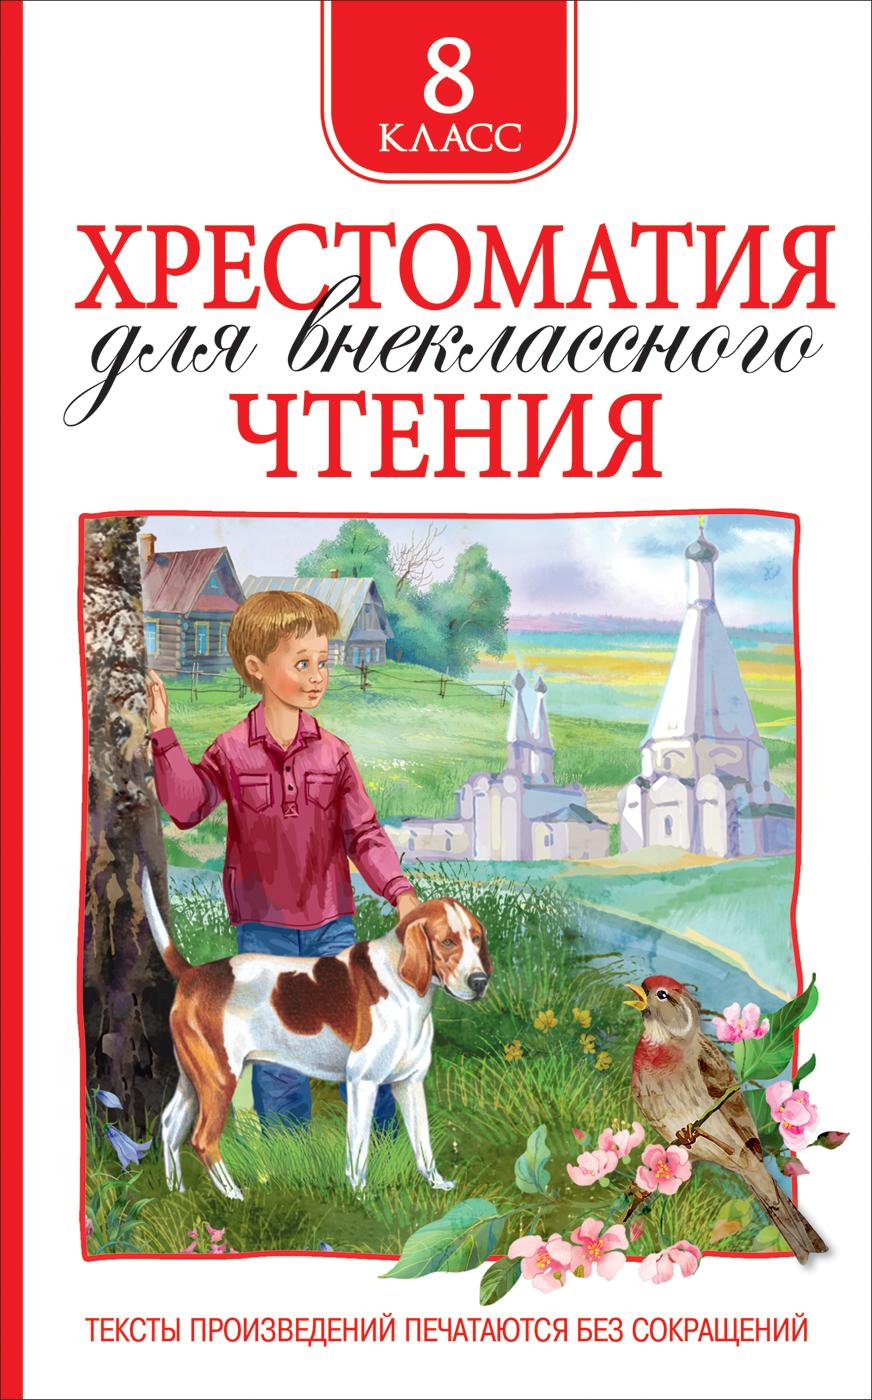 Лермонтов М. Ю., Гоголь Н. В. И и др. Хрестоматия для внеклассного чтения 8 класс